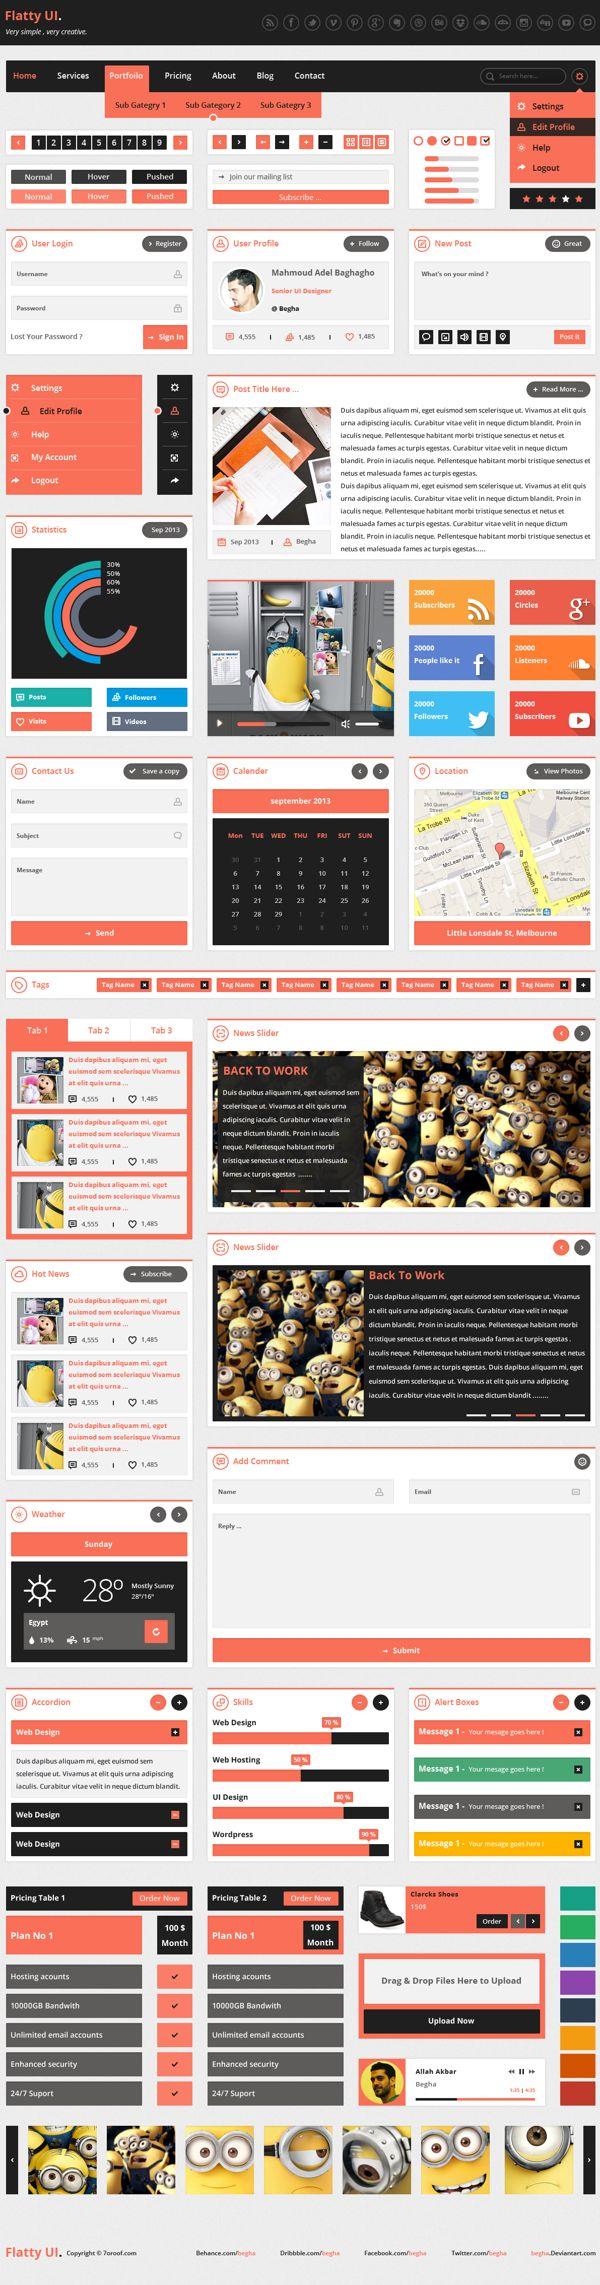 Flatty UI Kit by Mahmoud Baghagho, via Behance